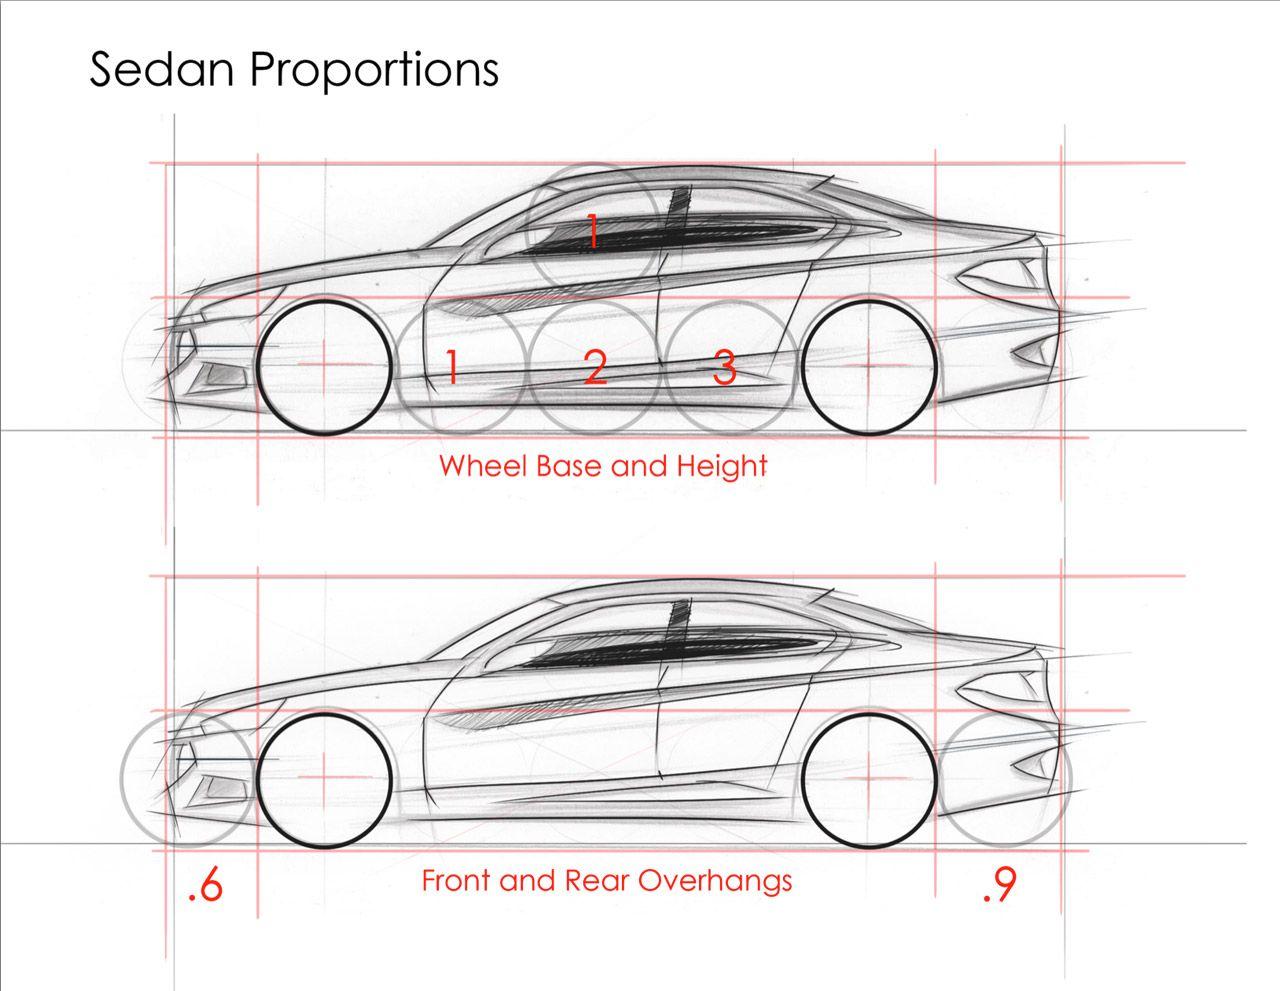 Sedan-Proportions | car | Pinterest | Skizzieren, Die arbeit und Konzept